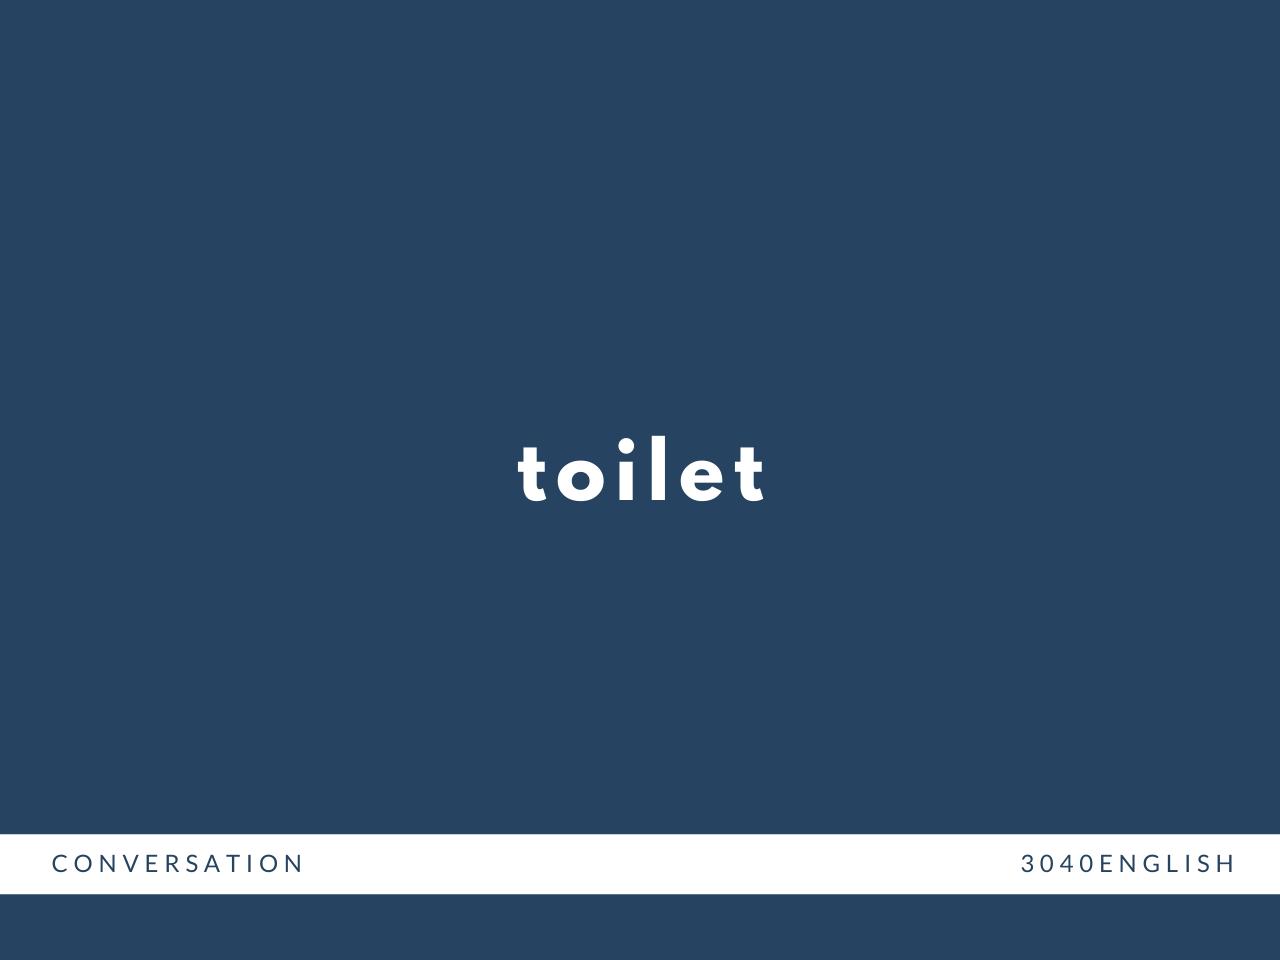 トイレの場所を聞くときの英語表現11選【英会話用例文あり】